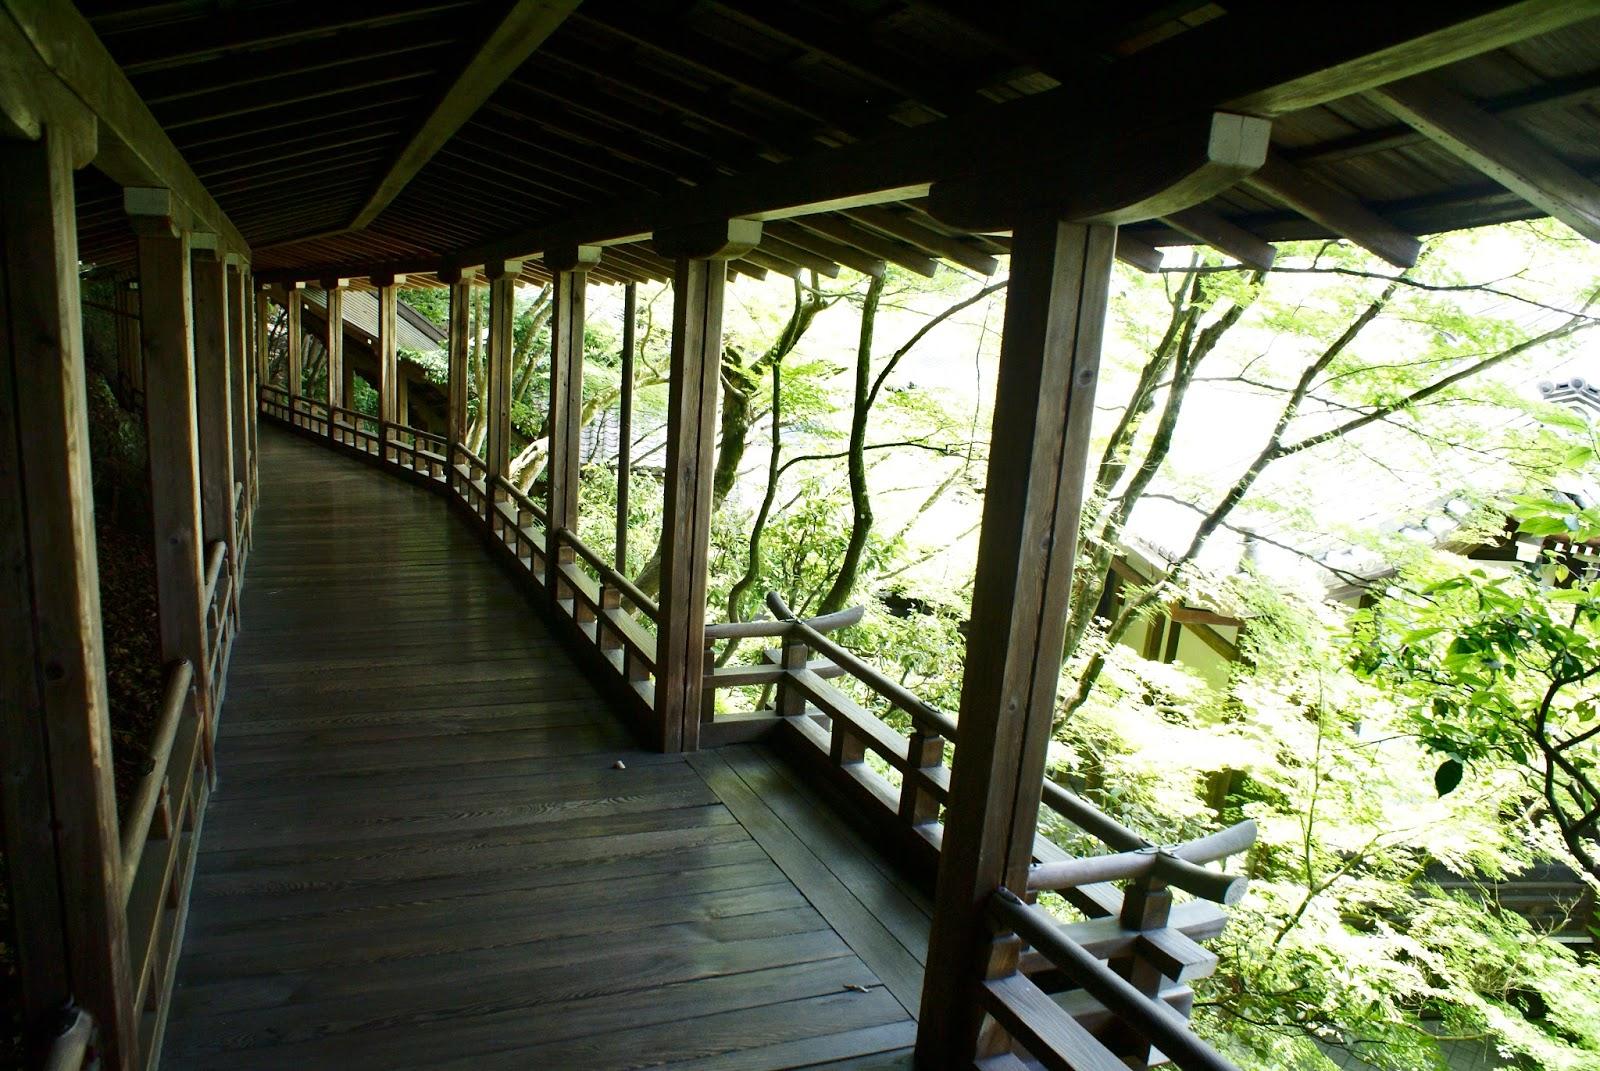 eikan do zenrin-ji buddhist temple garden kyoto japan